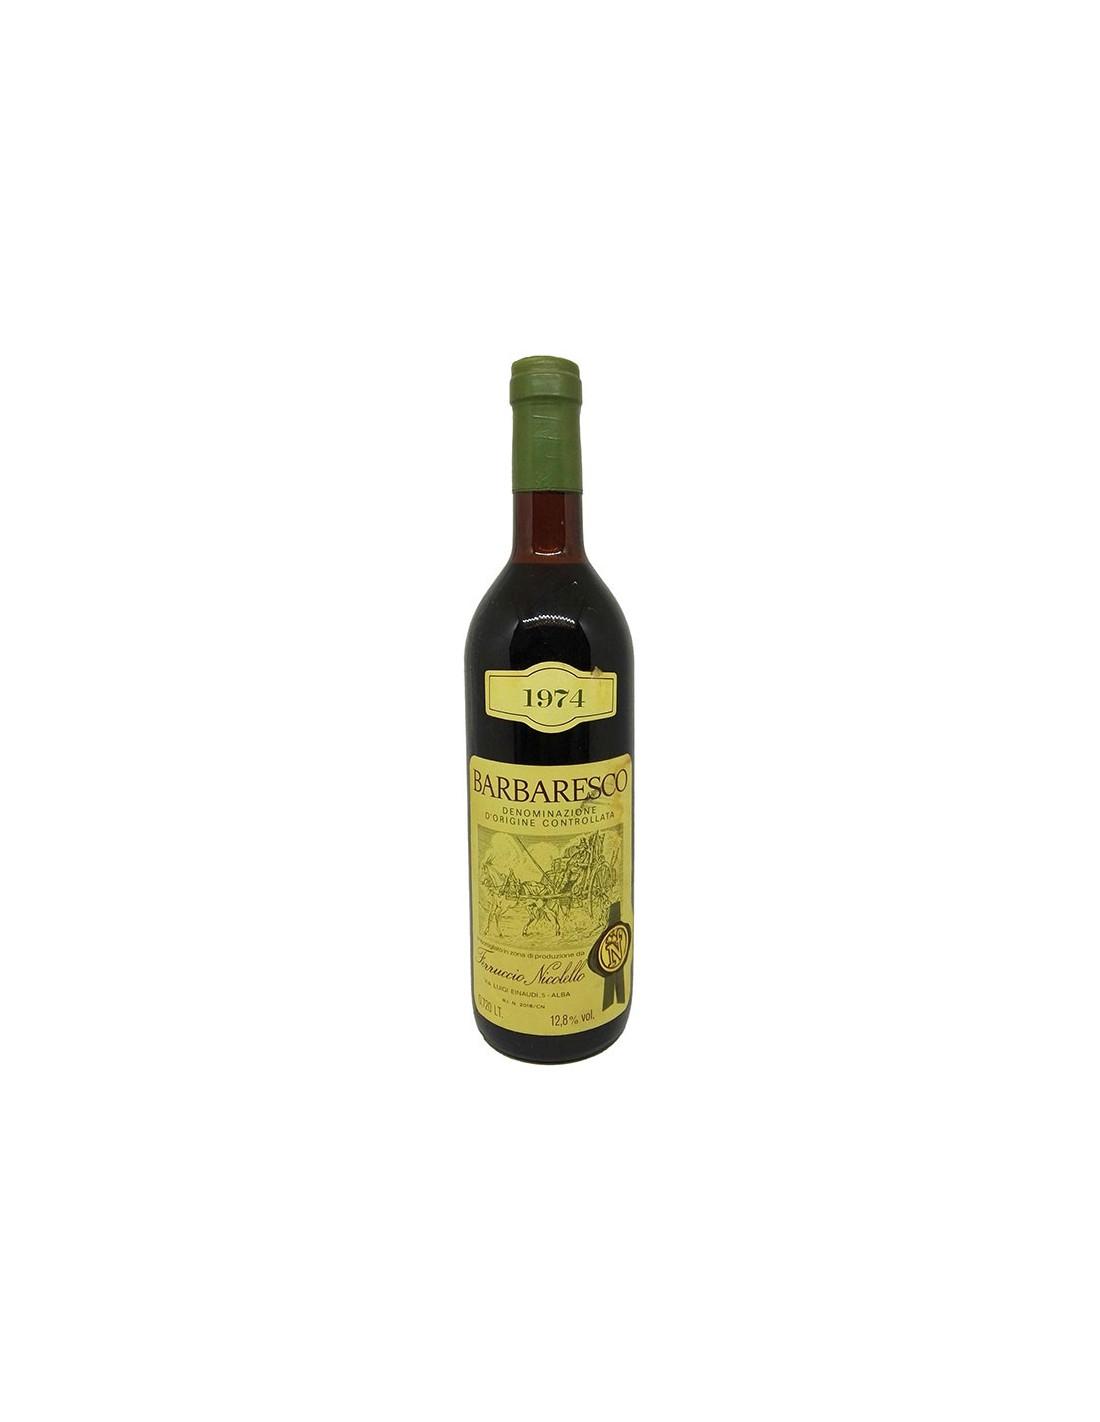 BARBARESCO 1974 NICOLELLO Grandi Bottiglie